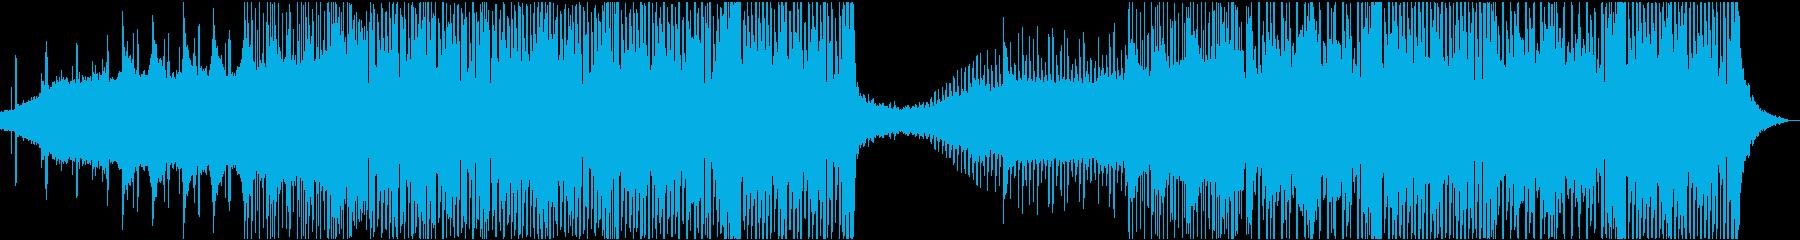 ダークで少し不思議なエレクトロの再生済みの波形